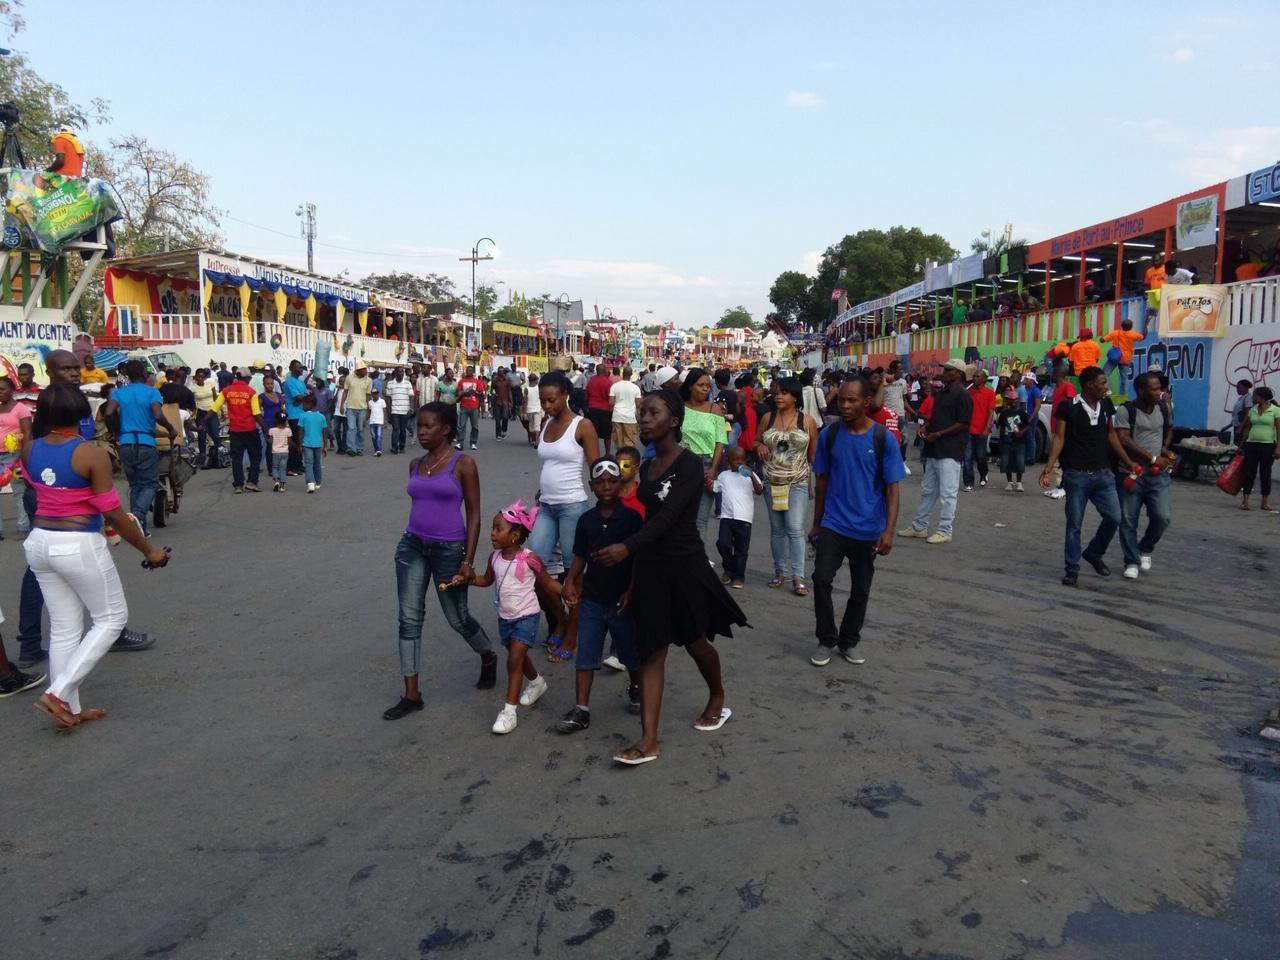 Haitian Carnival, daytime street scene (2015)